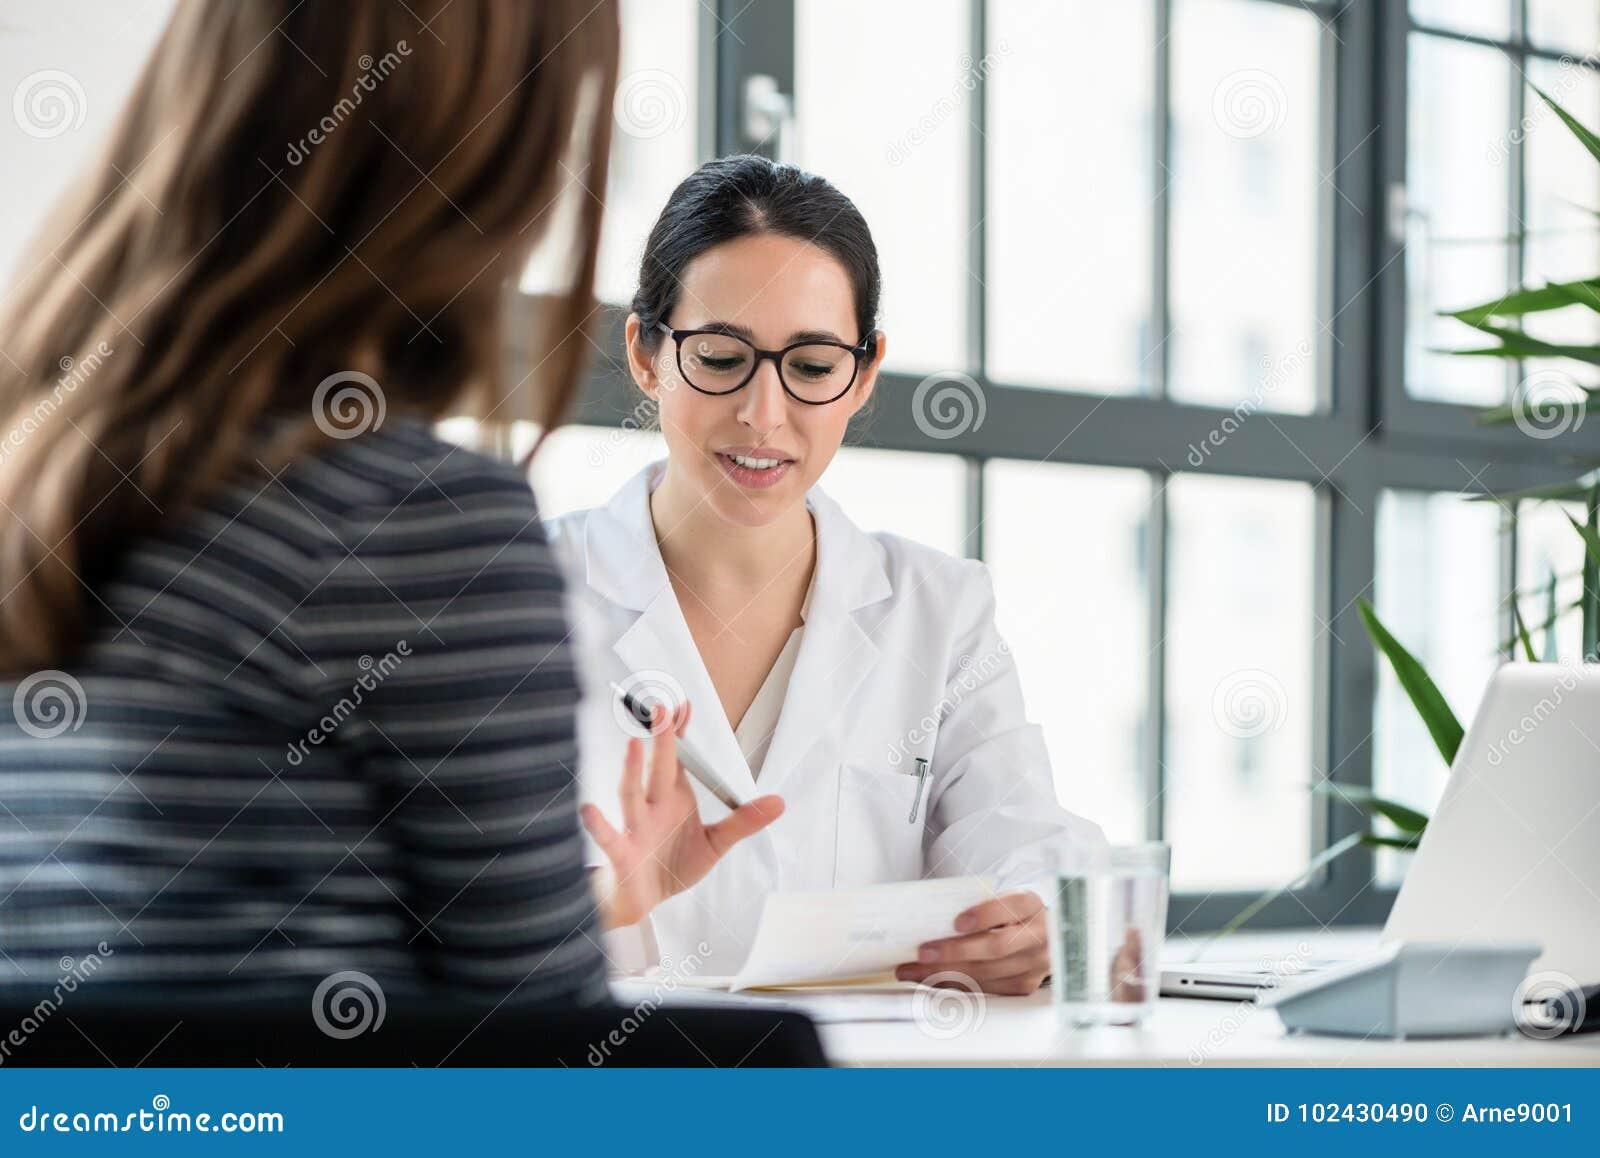 Kvinnlig läkare som in lyssnar till hennes patient under konsultation